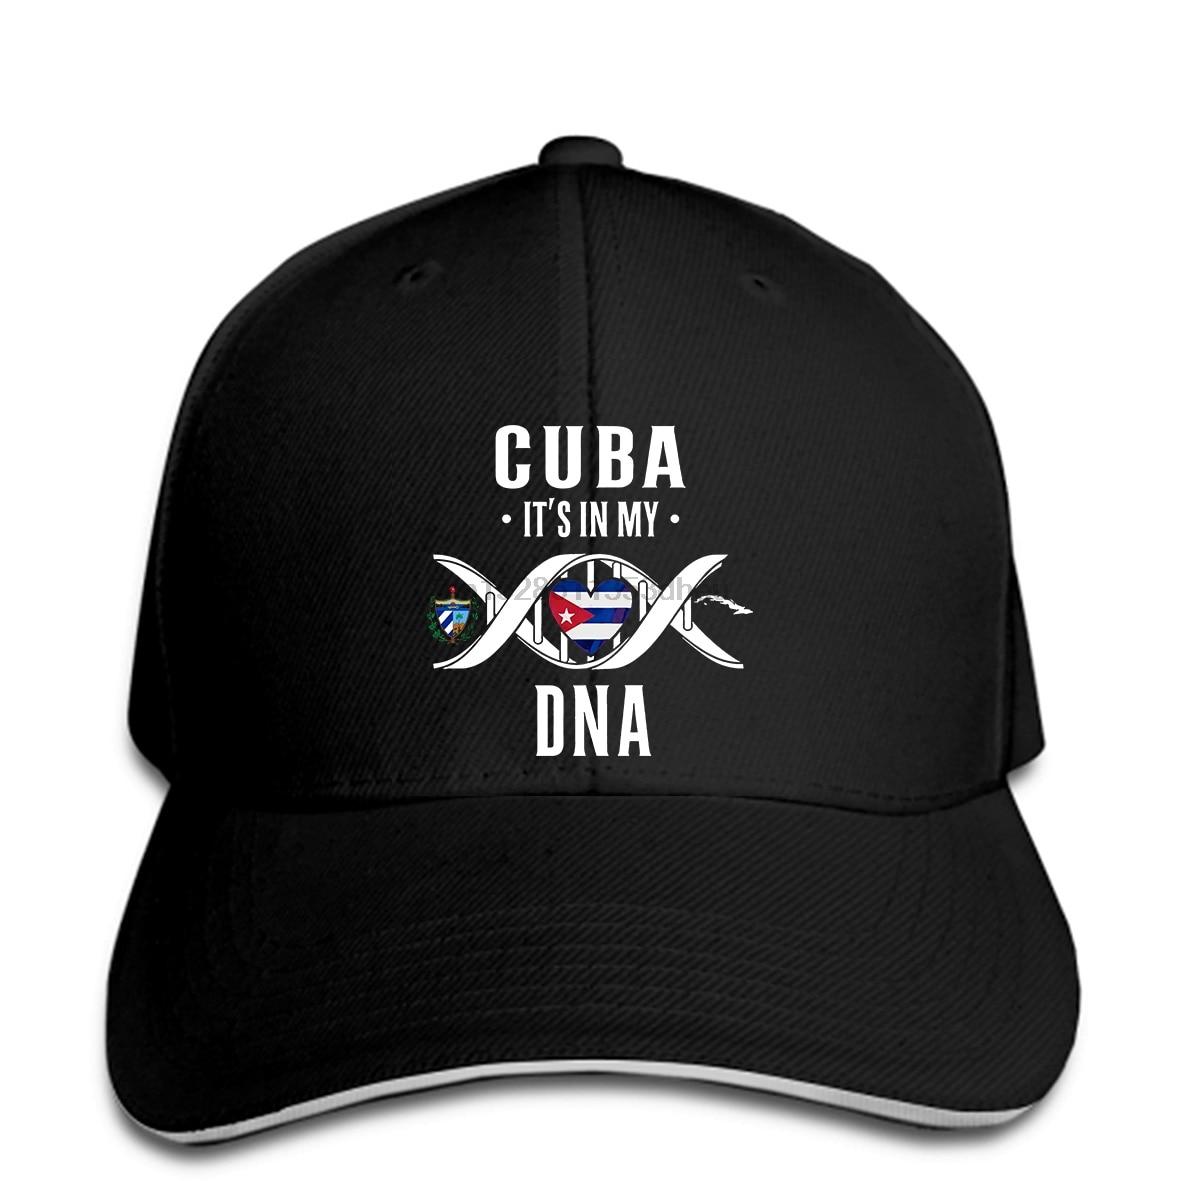 Cuba Cuban Baseball cap Proud Cuban Pride Stylized  snapback hat Peaked